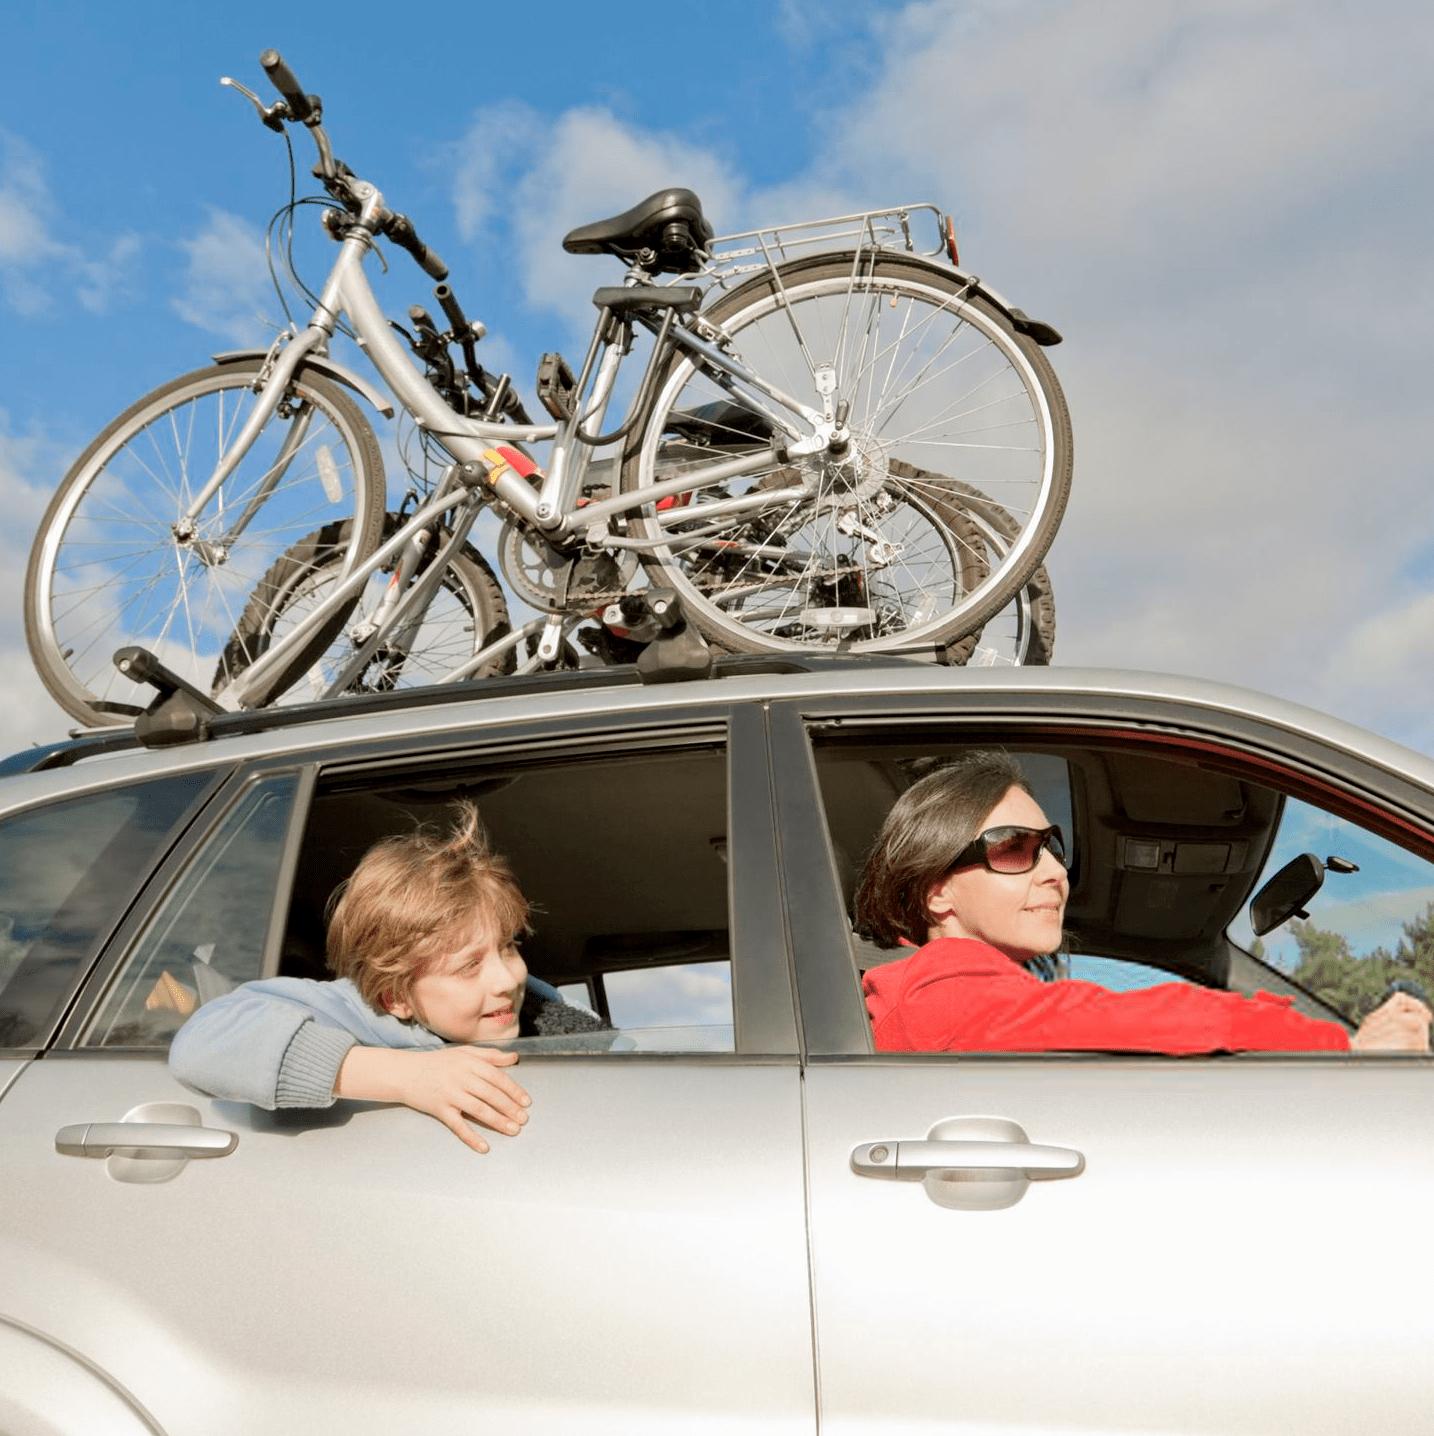 Suporte bike transbike